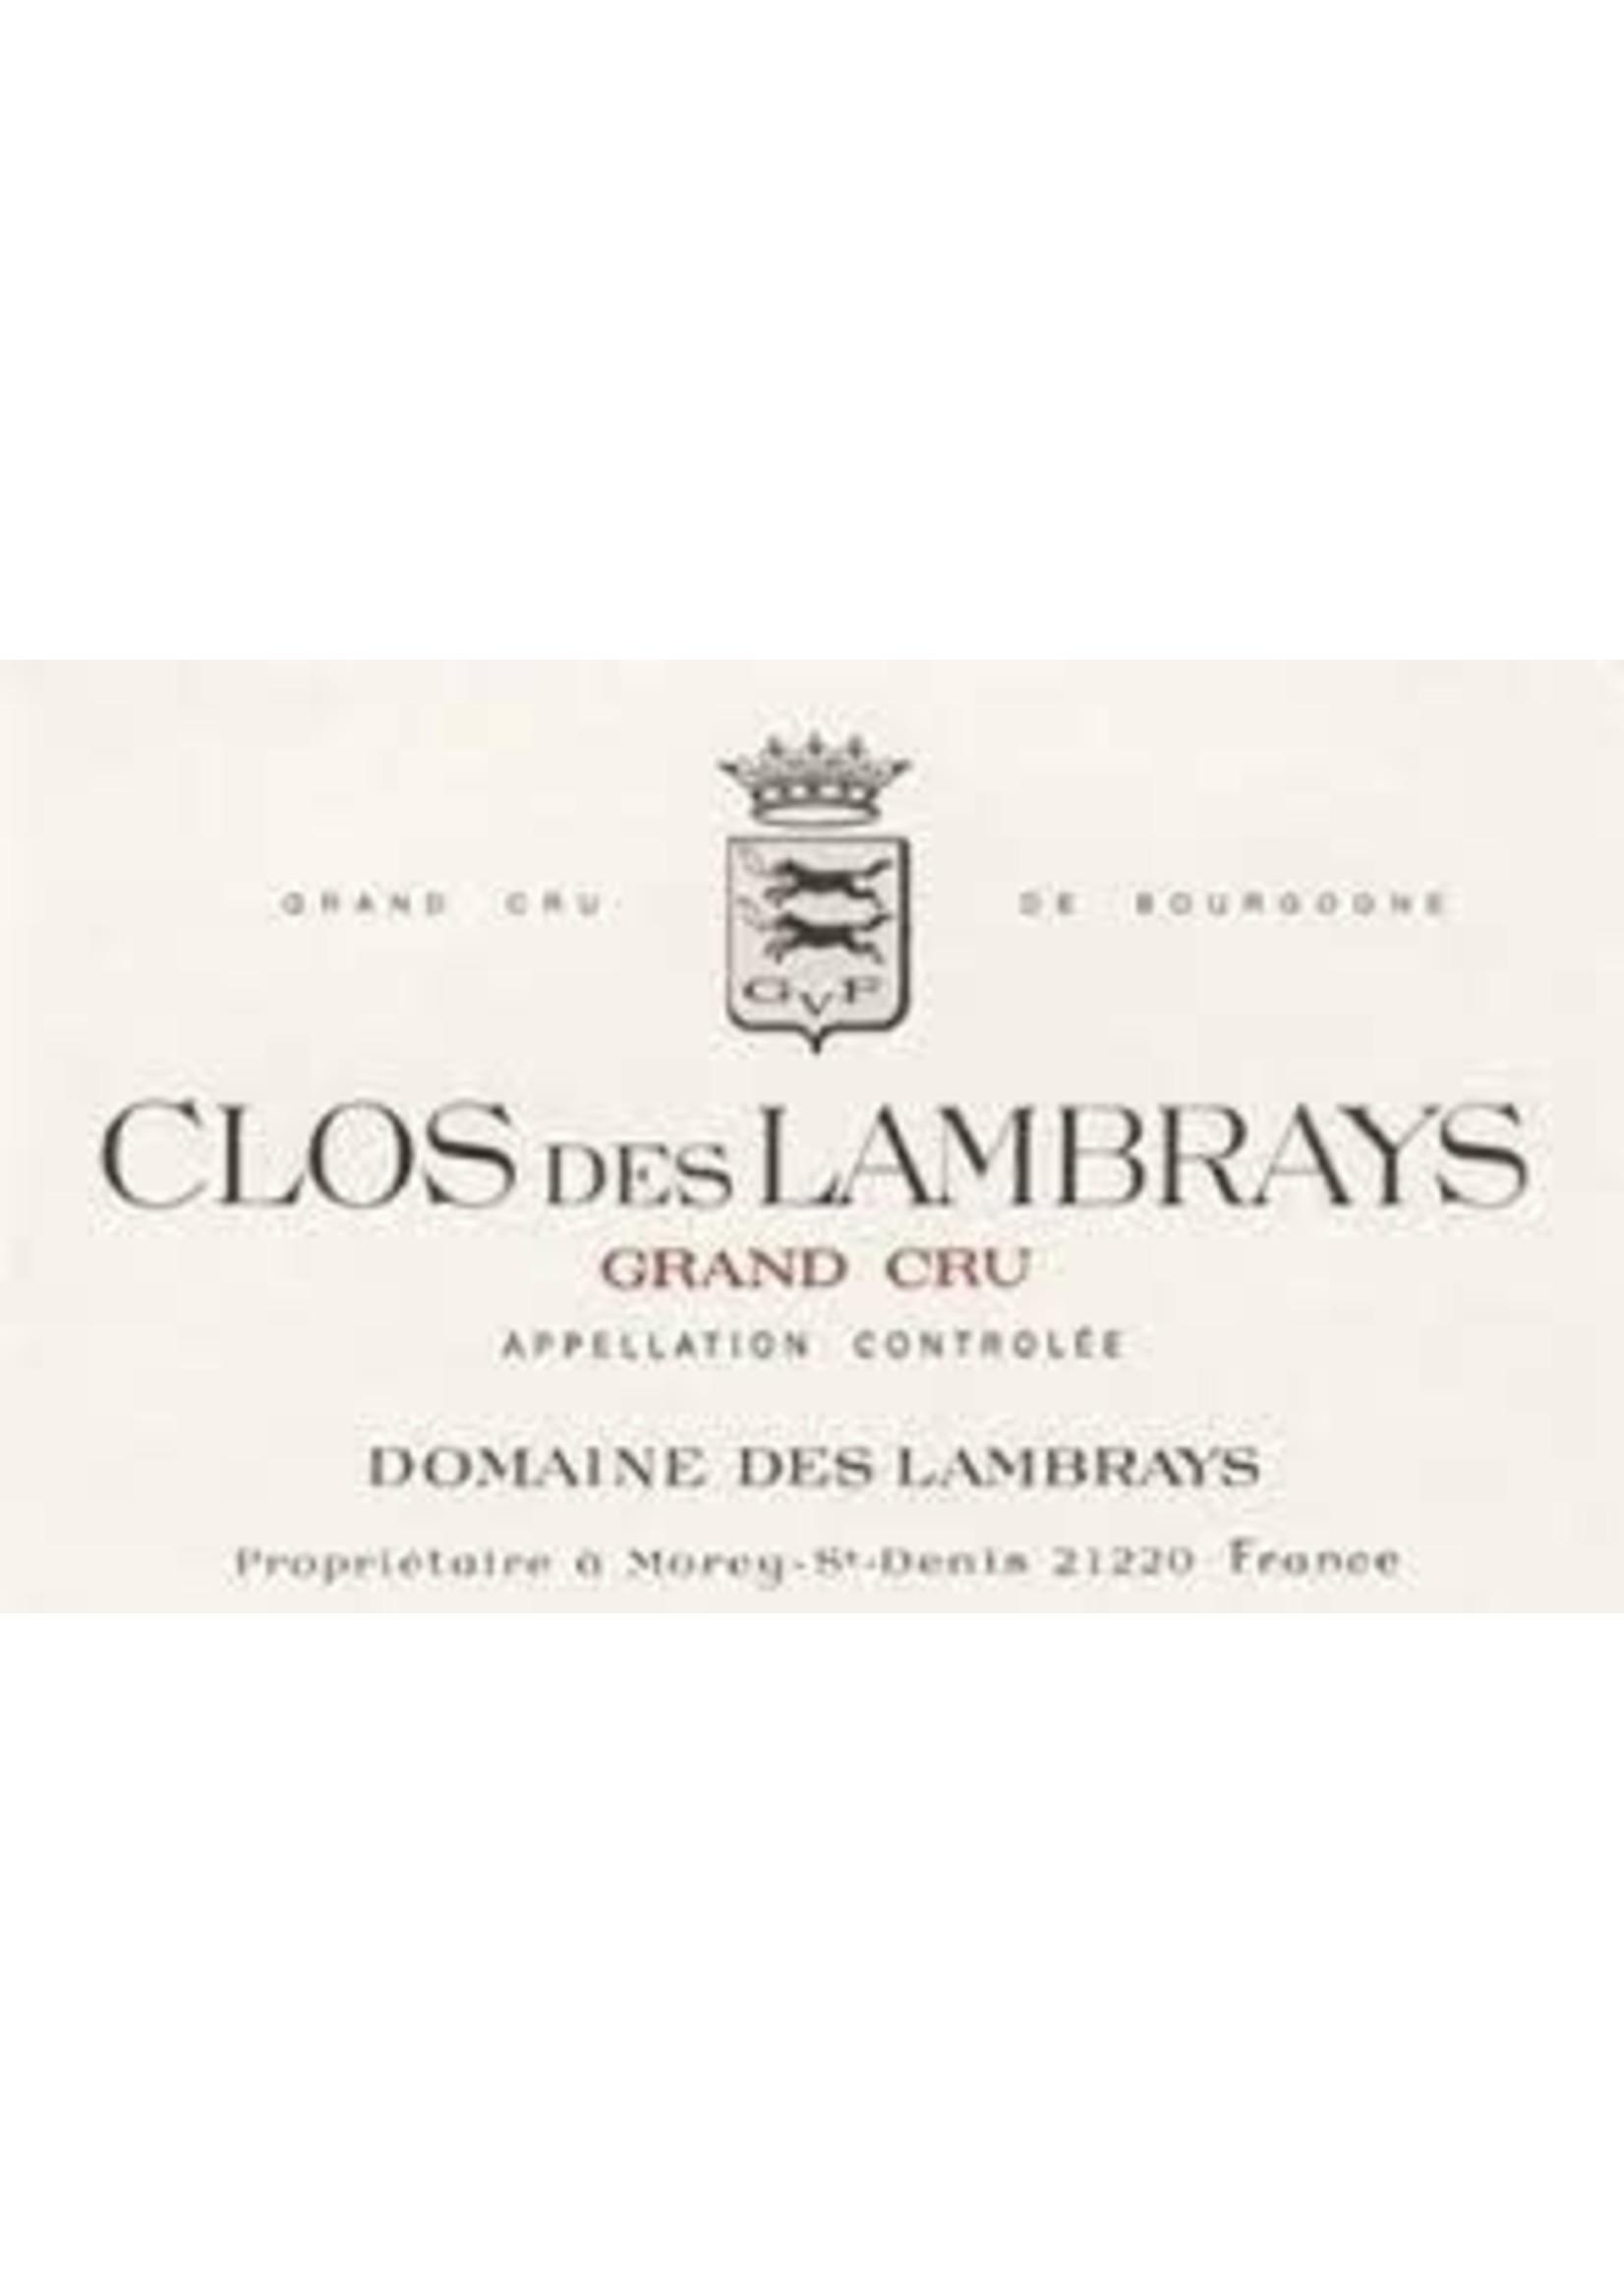 Domaine des Lambrays 2010 Clos des Lambrays Grand Cru 750ml [PRE-ARRIVAL]